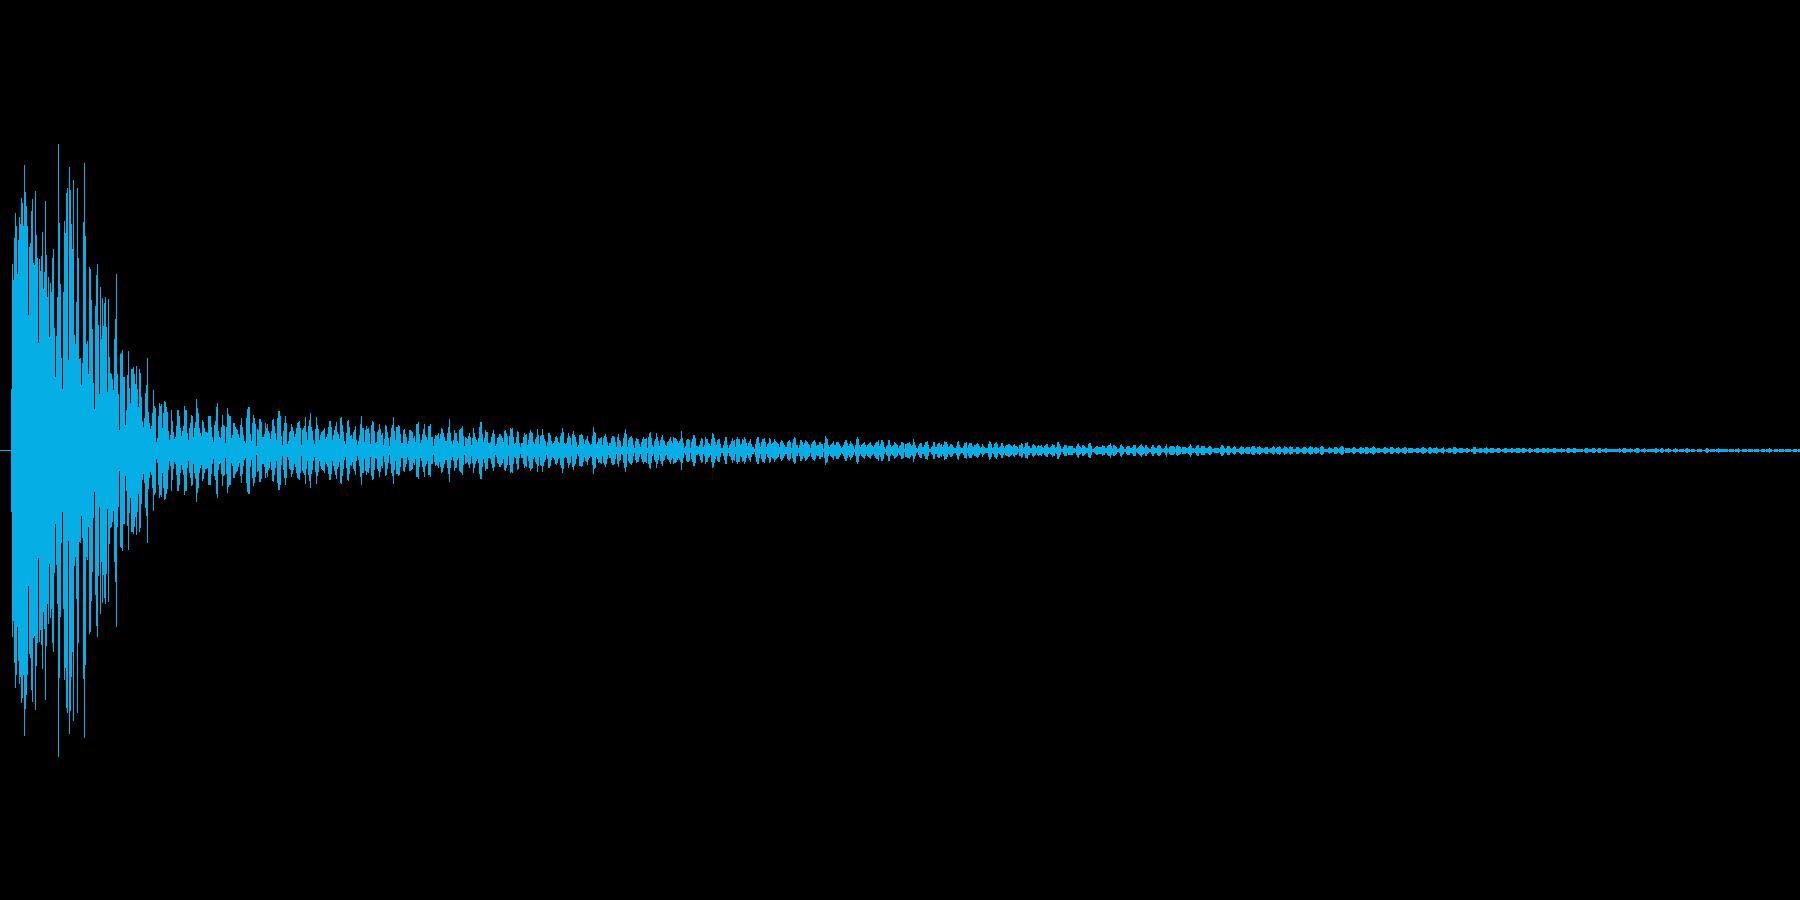 汎用的なシステム音の再生済みの波形